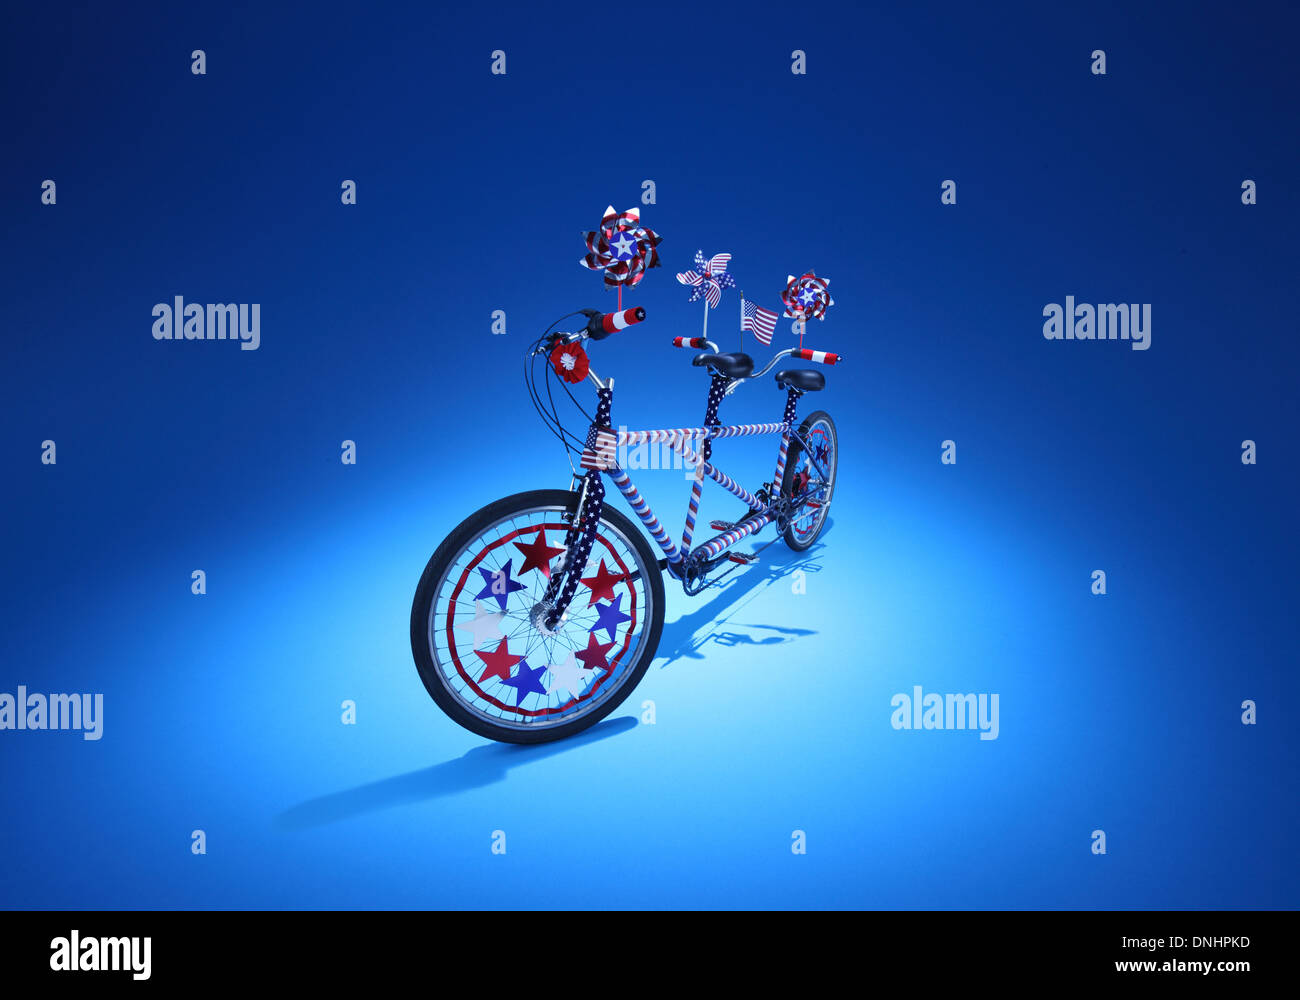 Un gemelo sentado bicicleta con adornos de color azul rojo y blanco sobre un fondo azul. Imagen De Stock